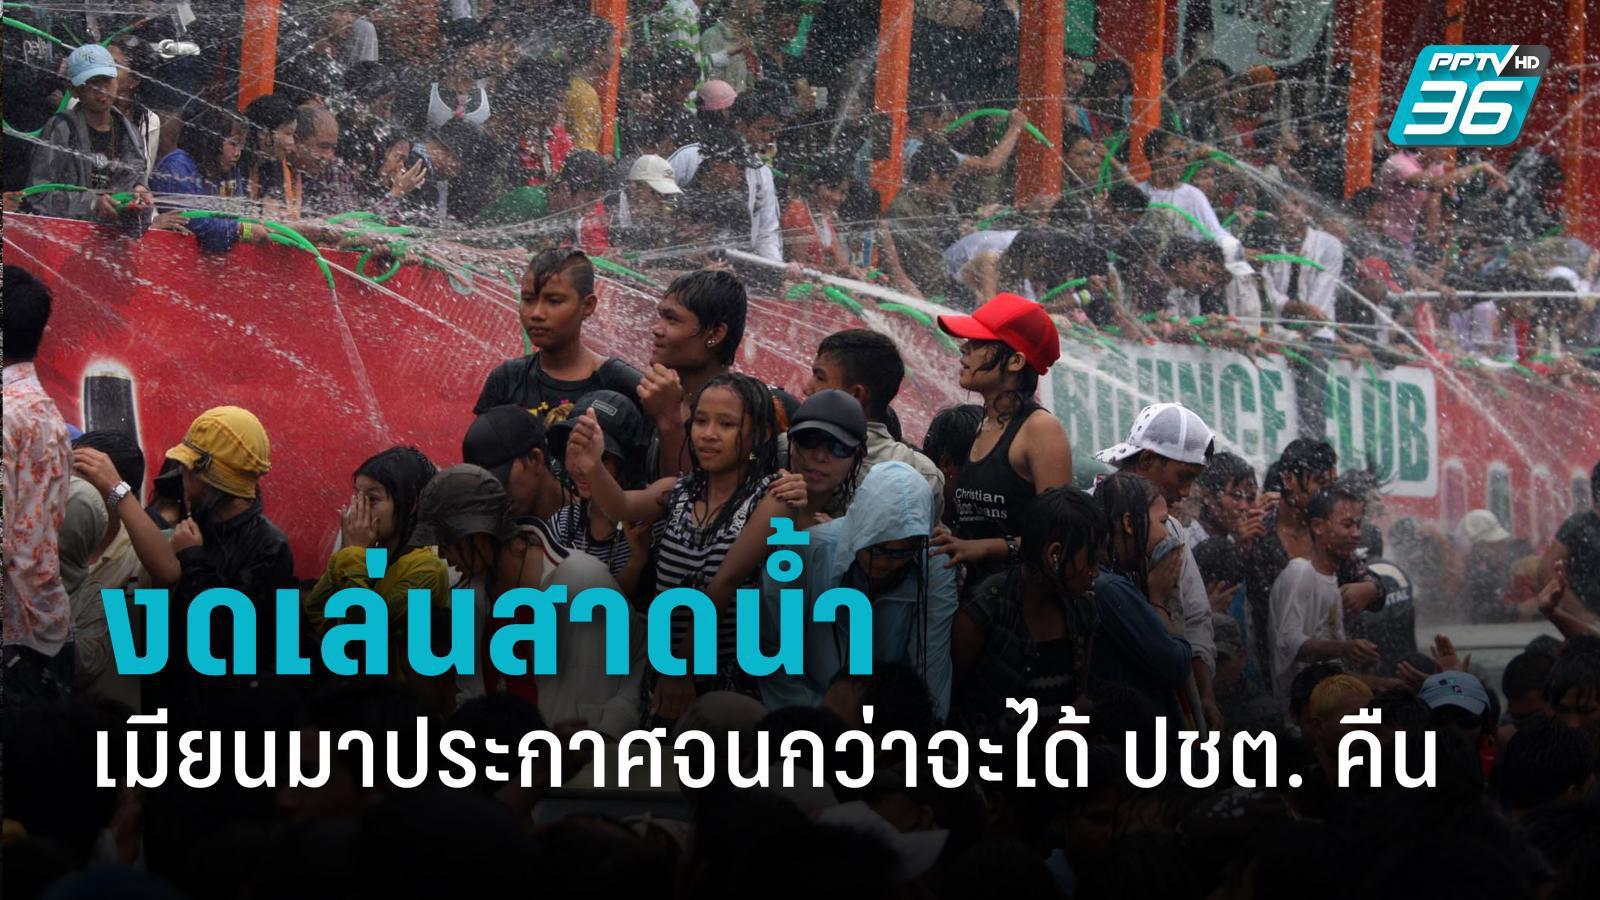 เยาวชนเมียนมา เชิญชวน ปชช.งดเล่นน้ำสงกรานต์ เรียกร้อง ประชาธิปไตย